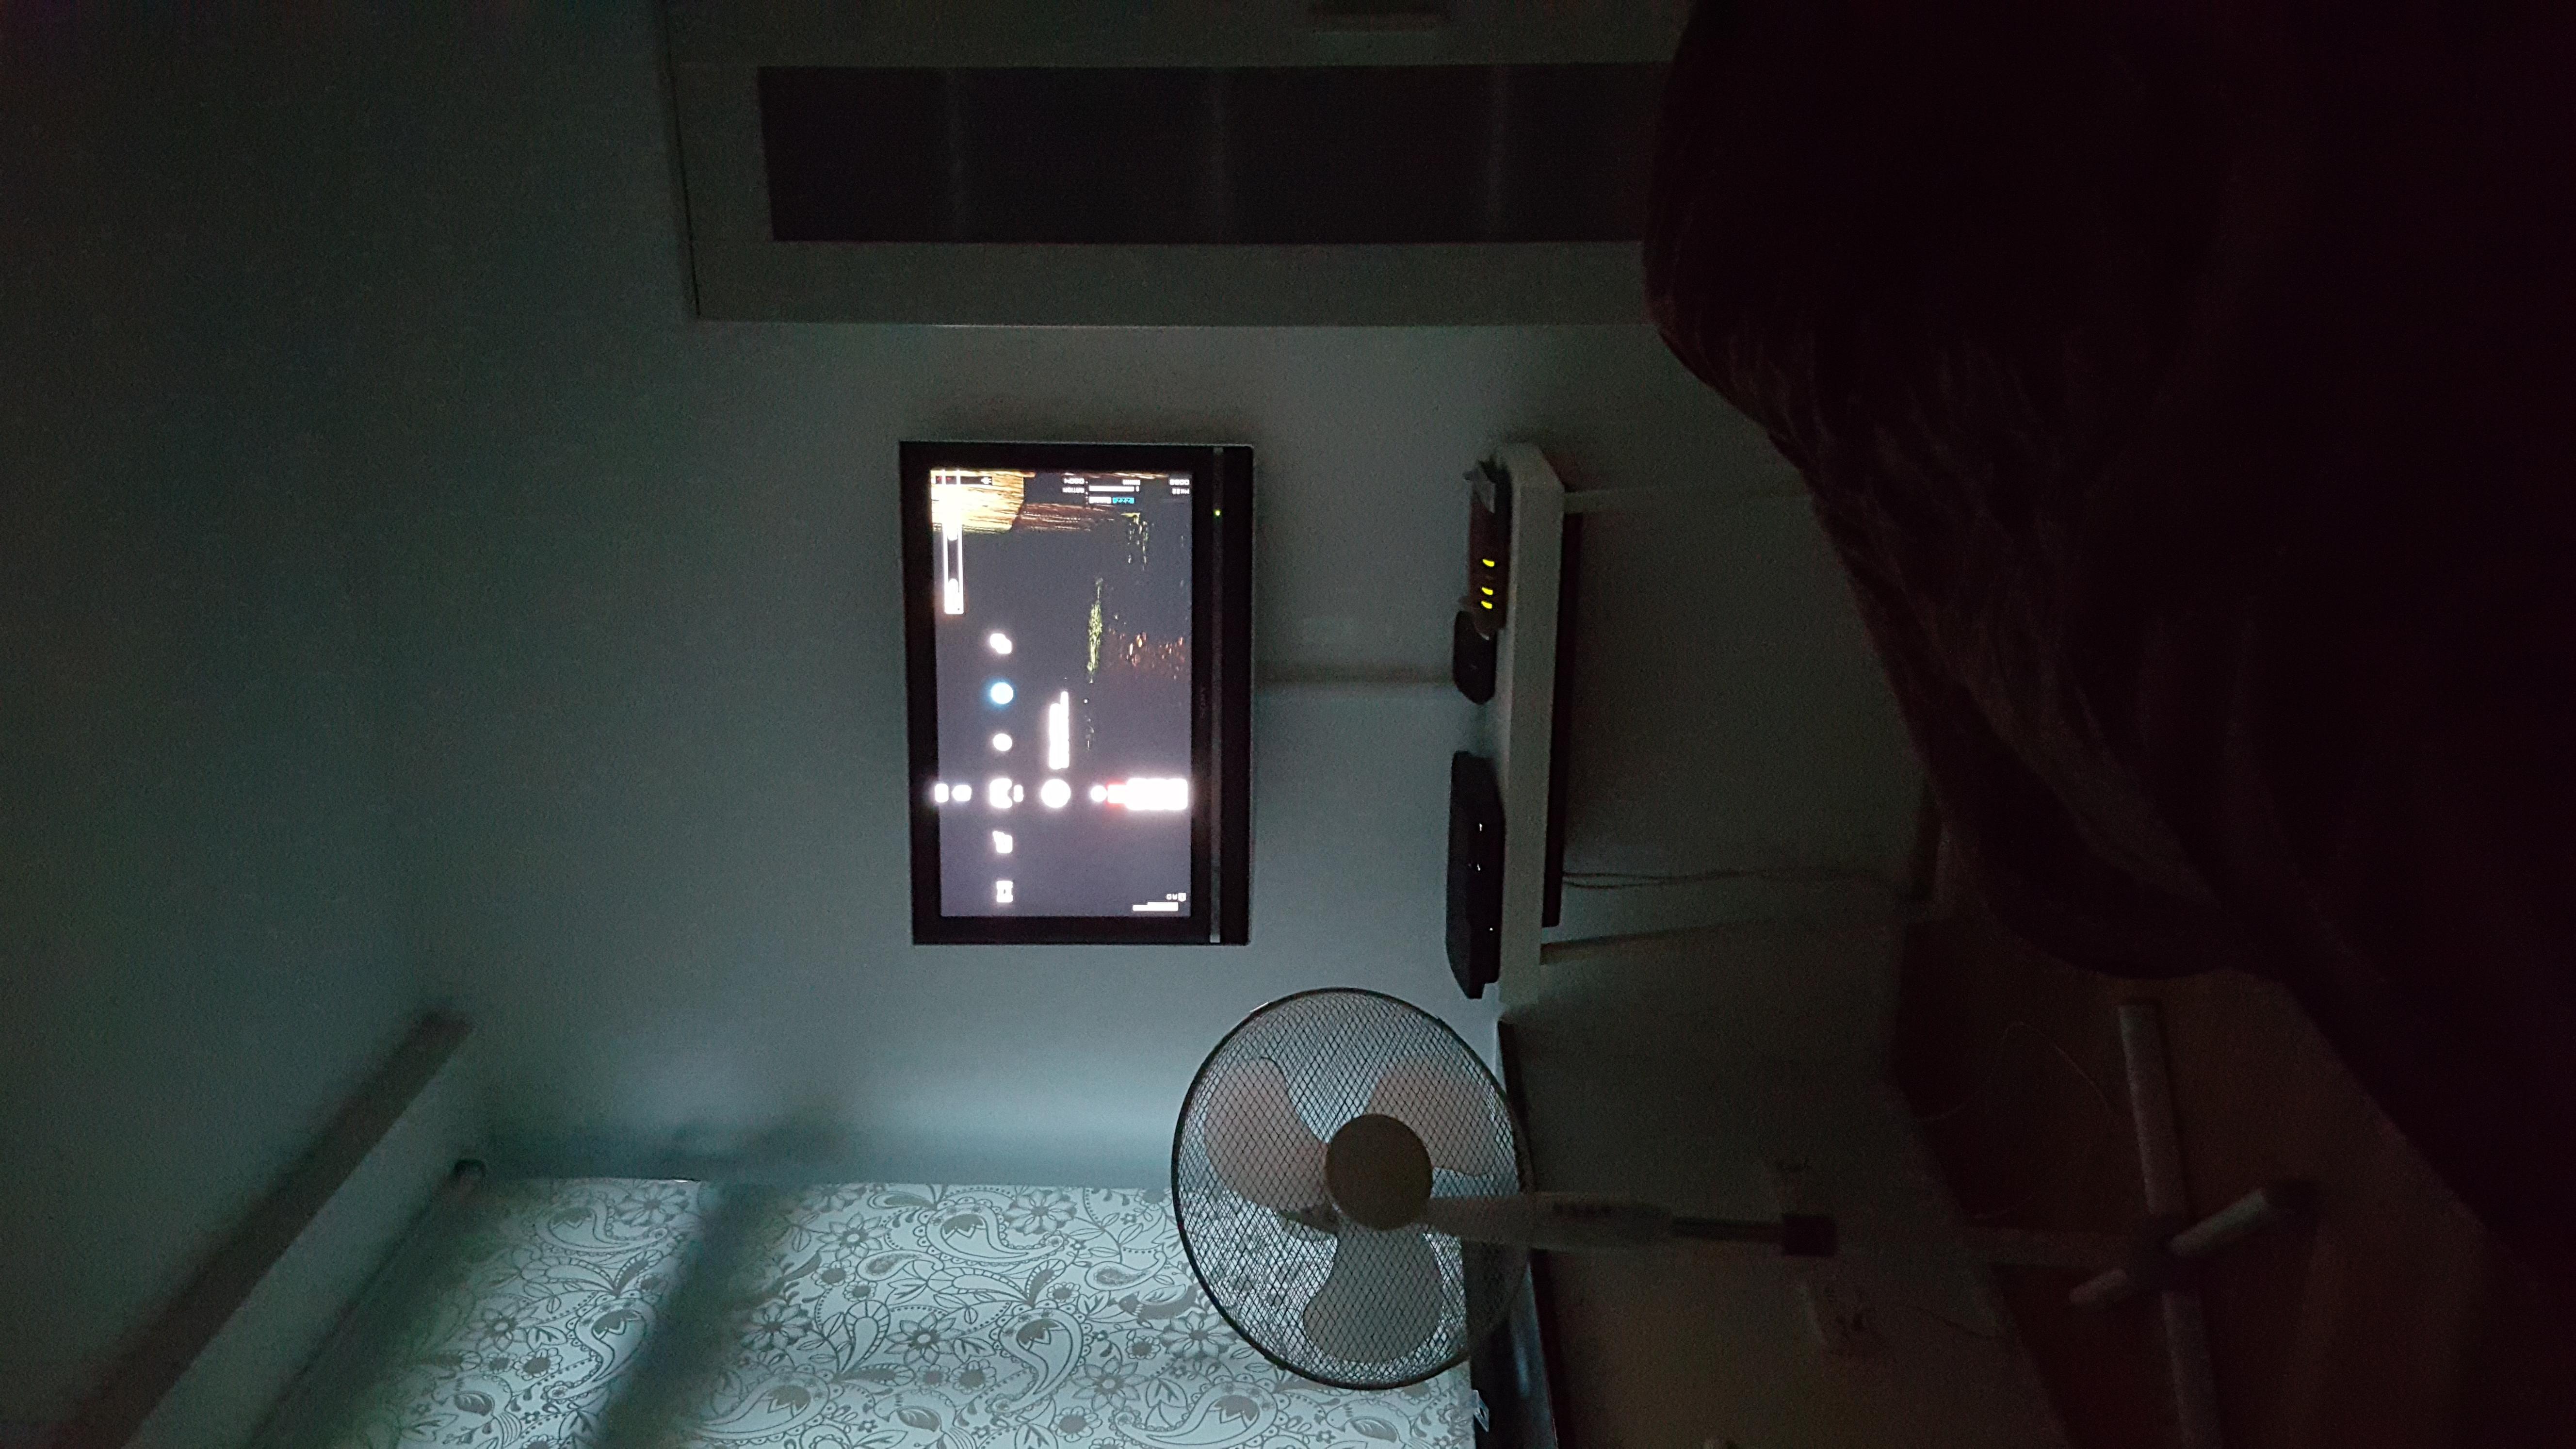 Optimale Höhe für 50zoll Plasma Fernseher im Schlafzimmer ...